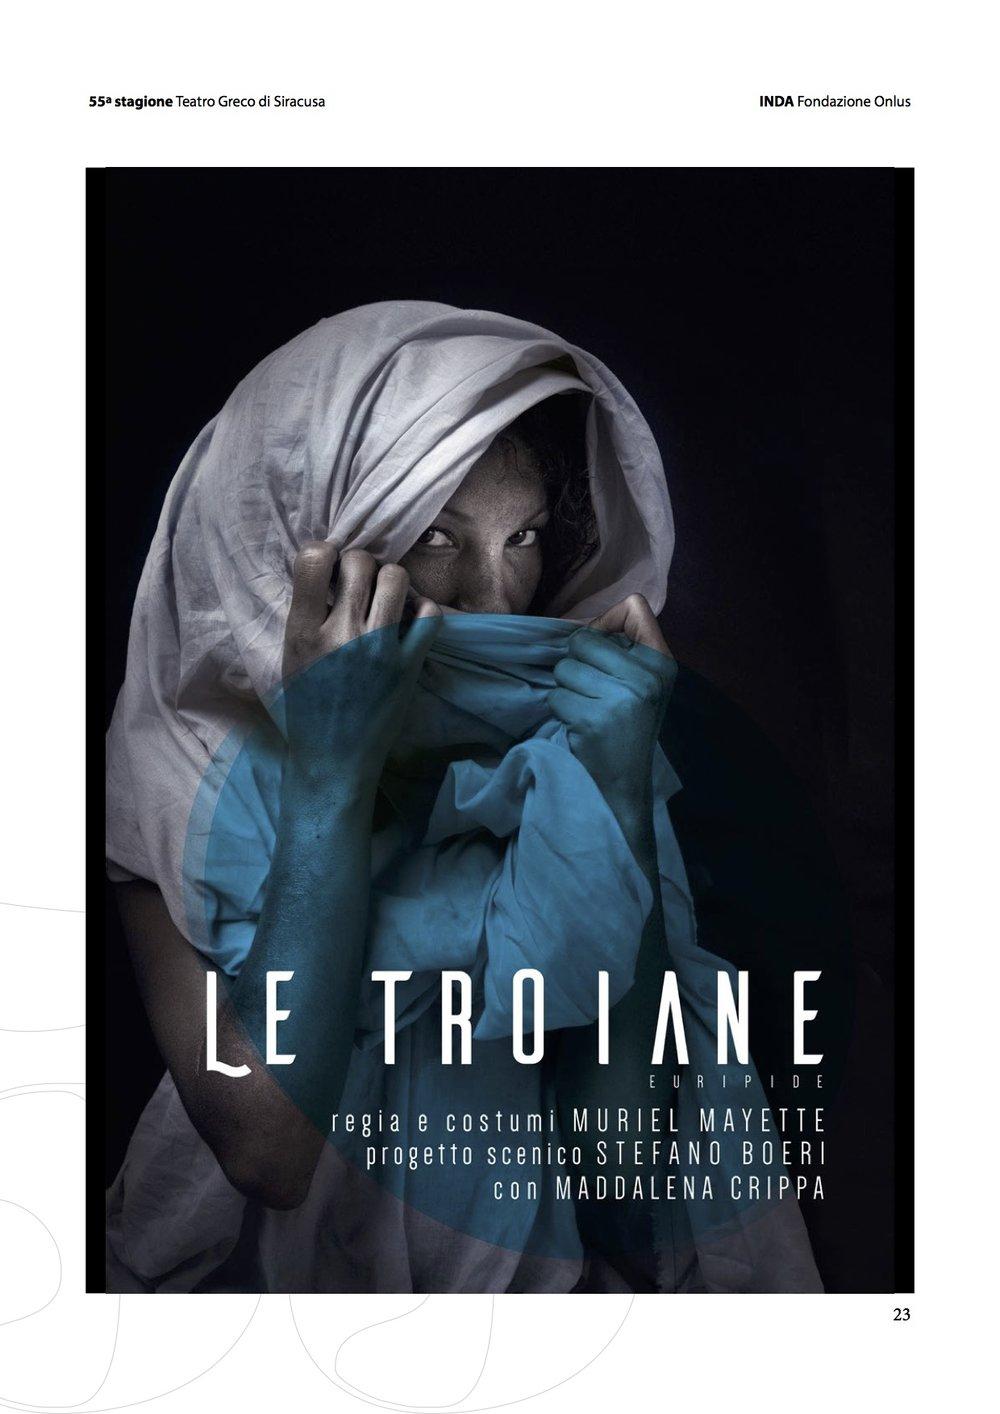 LE TROIANE_Teatro Greco Siracusa_stagione 2019